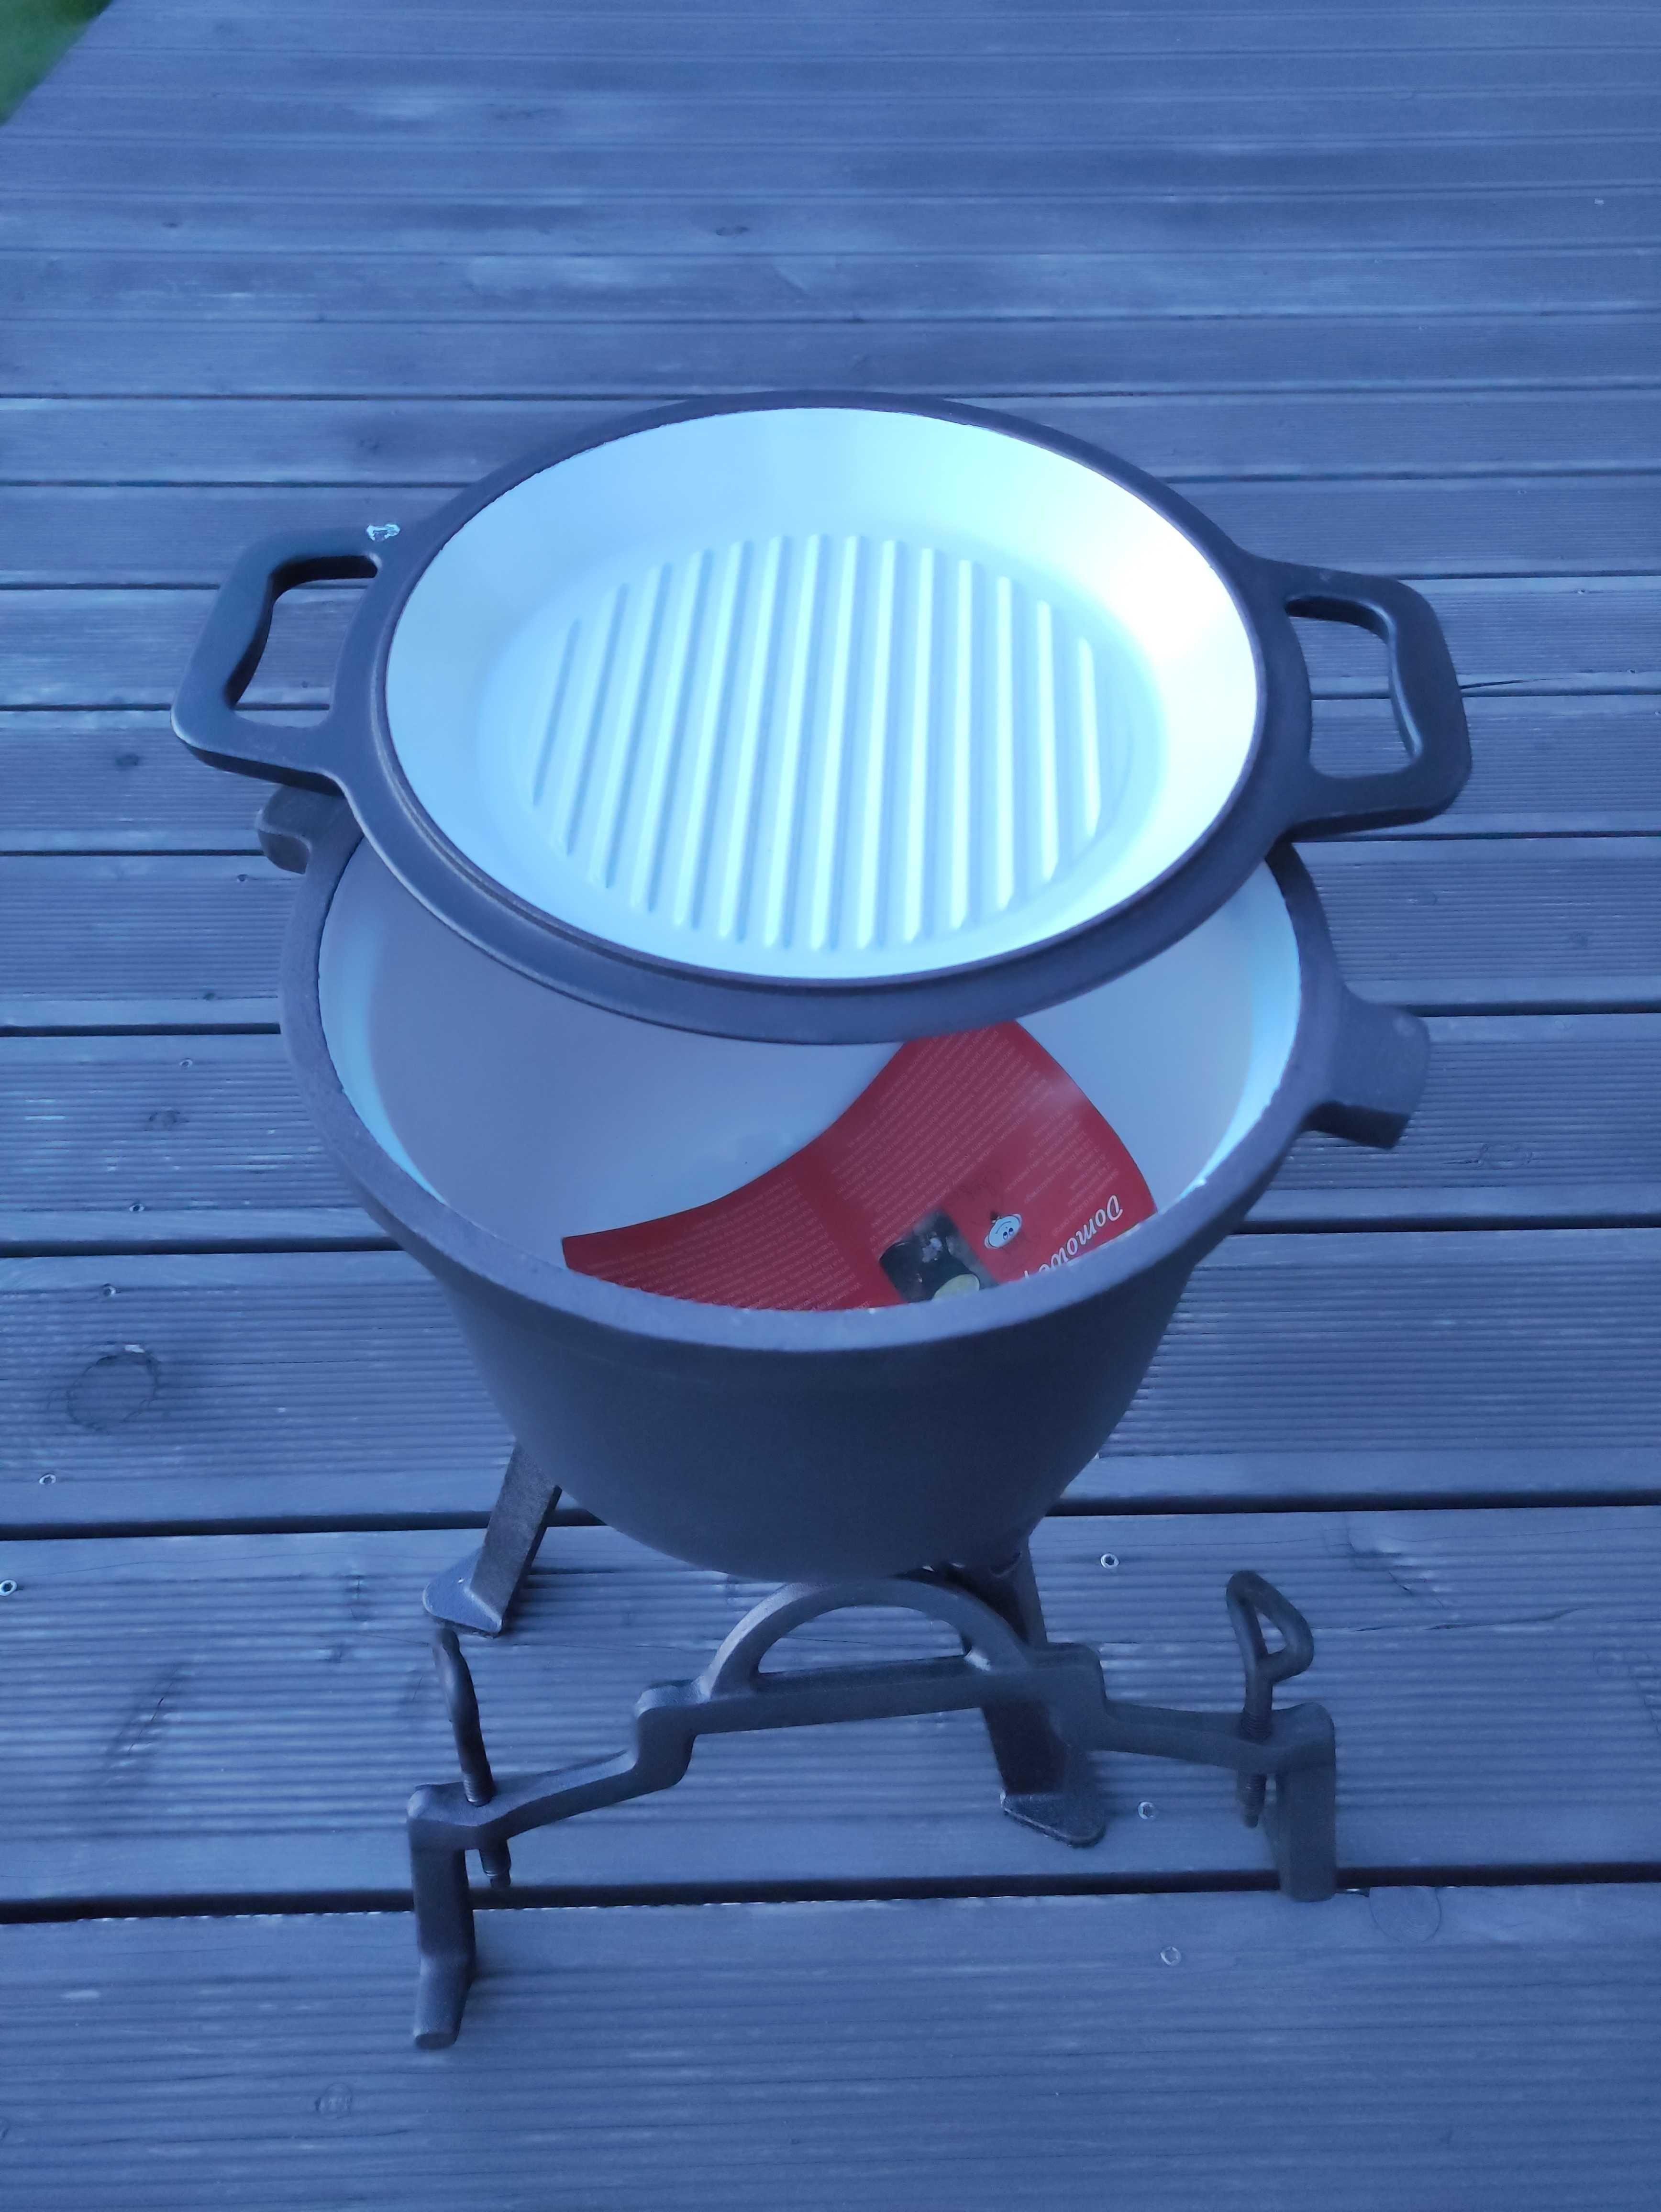 Kociołek żeliwny emaliowany z patelnią grillową 8 litrów